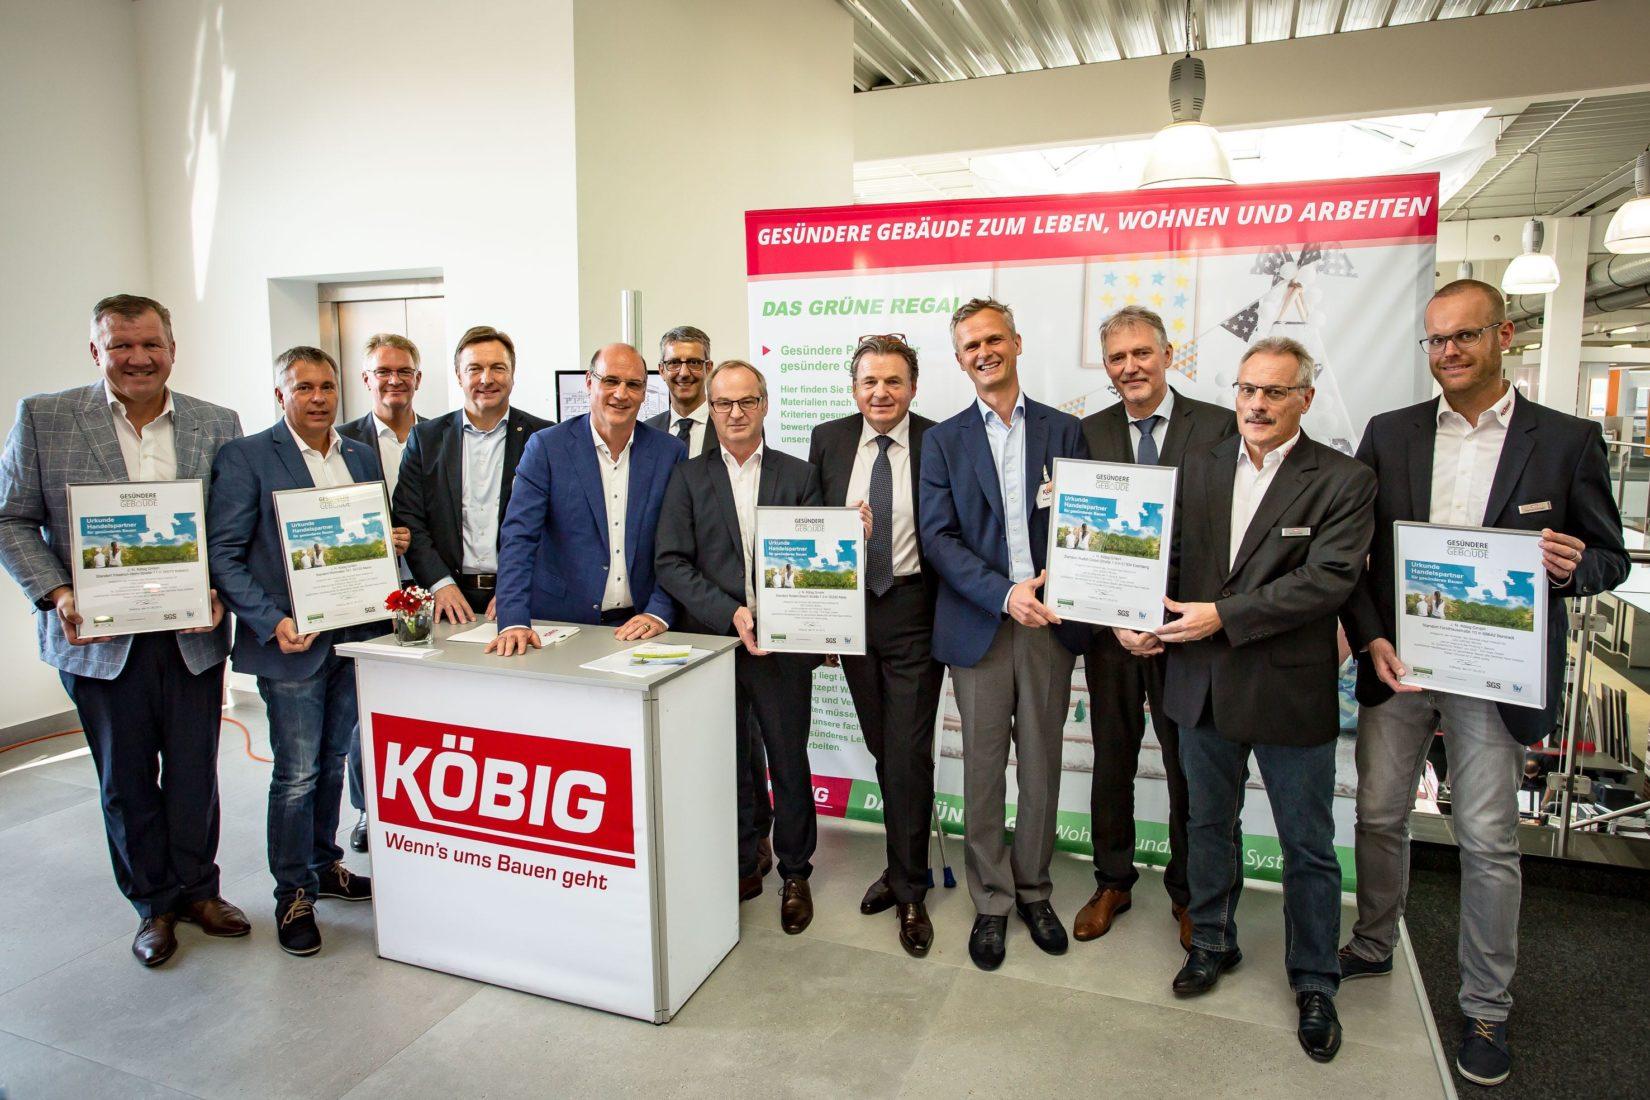 """Fünf Köbig-Standorte erhielten eine Urkunde als """"qualifizierter Handelspartner für gesünderes Bauen"""". Foto: Köbig/ Bertram"""